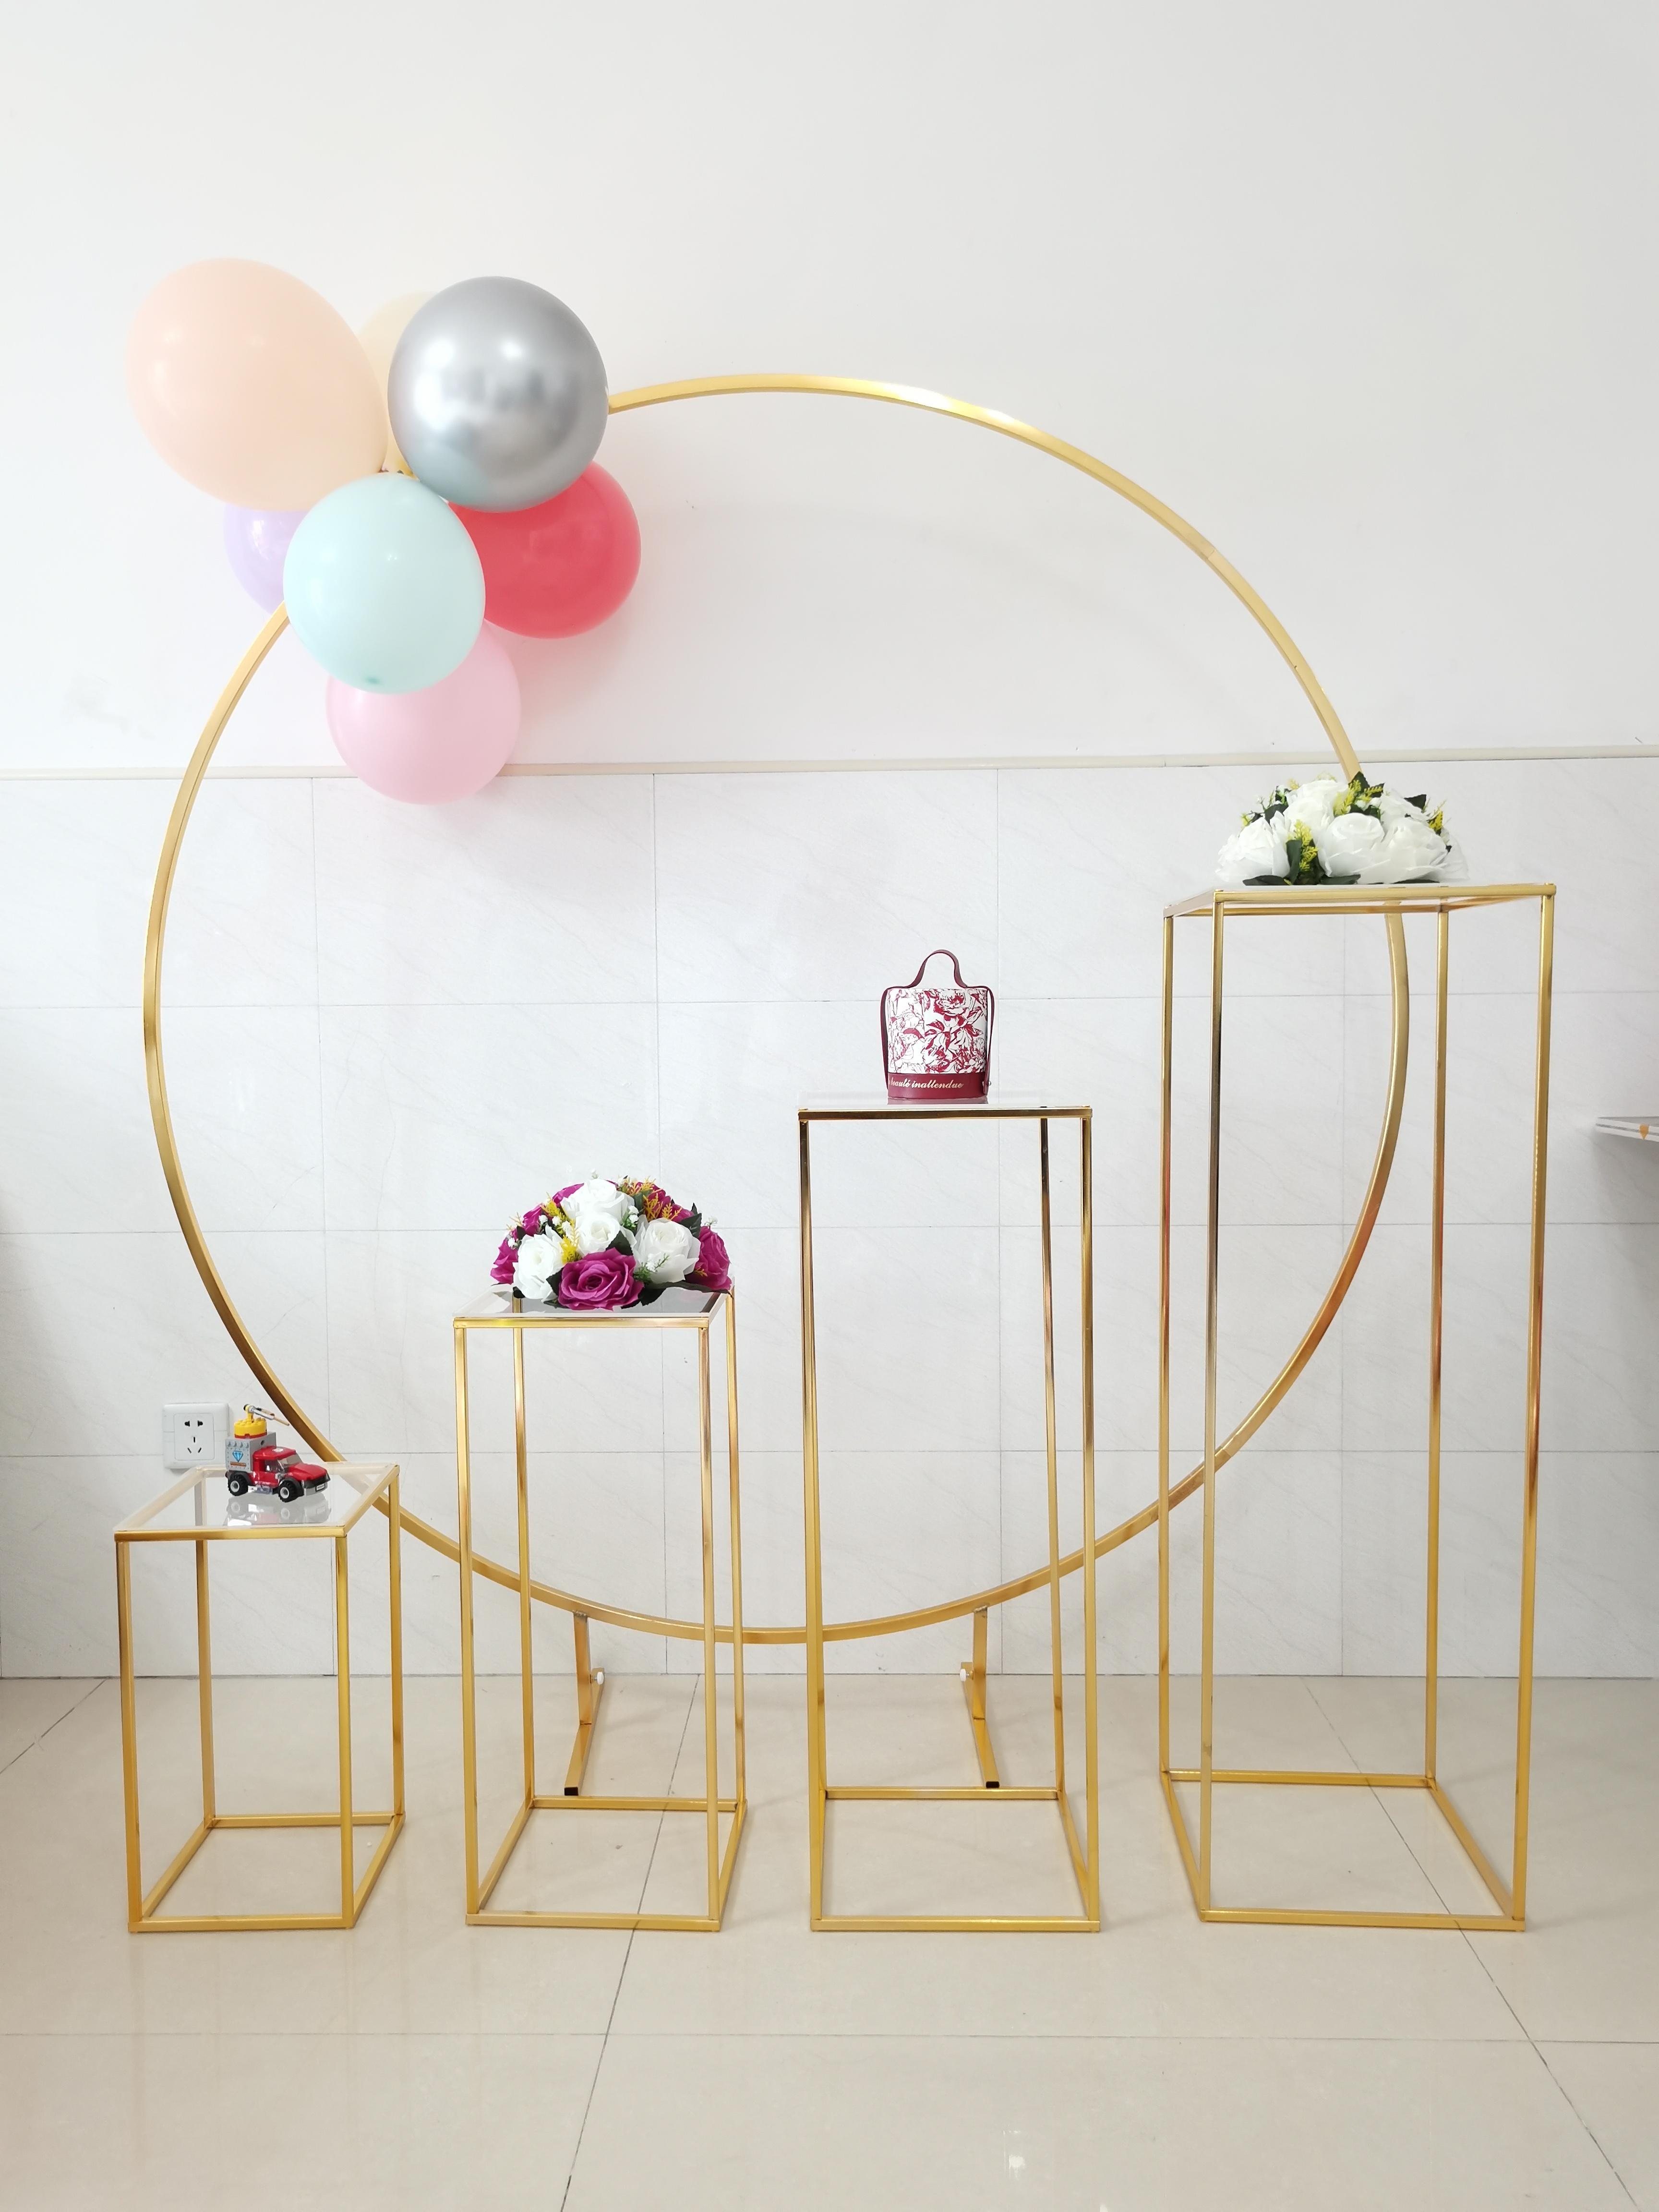 5 pcs decoração de casamento ouro decoração ao ar livre flor plinths tabela corredor ferro círculo festa de aniversário arco pano de fundo para balão faixa brinquedos artesanato diy floral rack